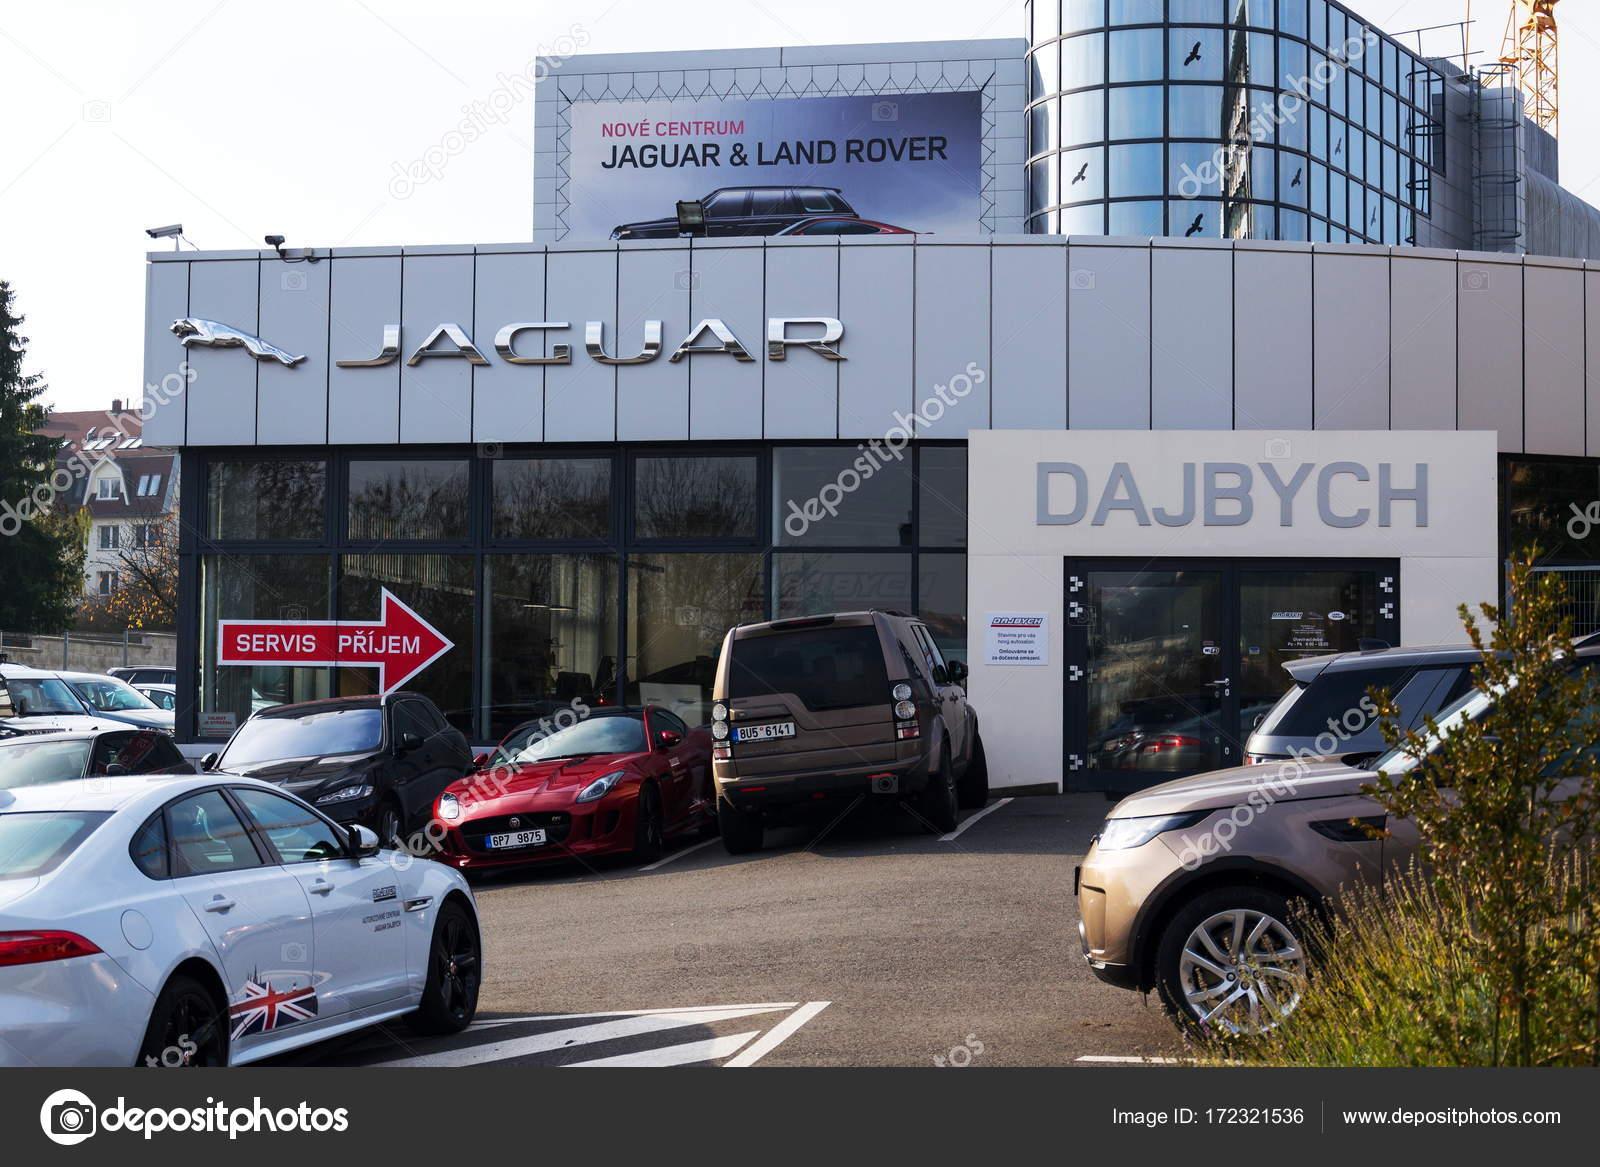 Jaguar Car Manufacturer Company Logo In Front Of Dealership Building